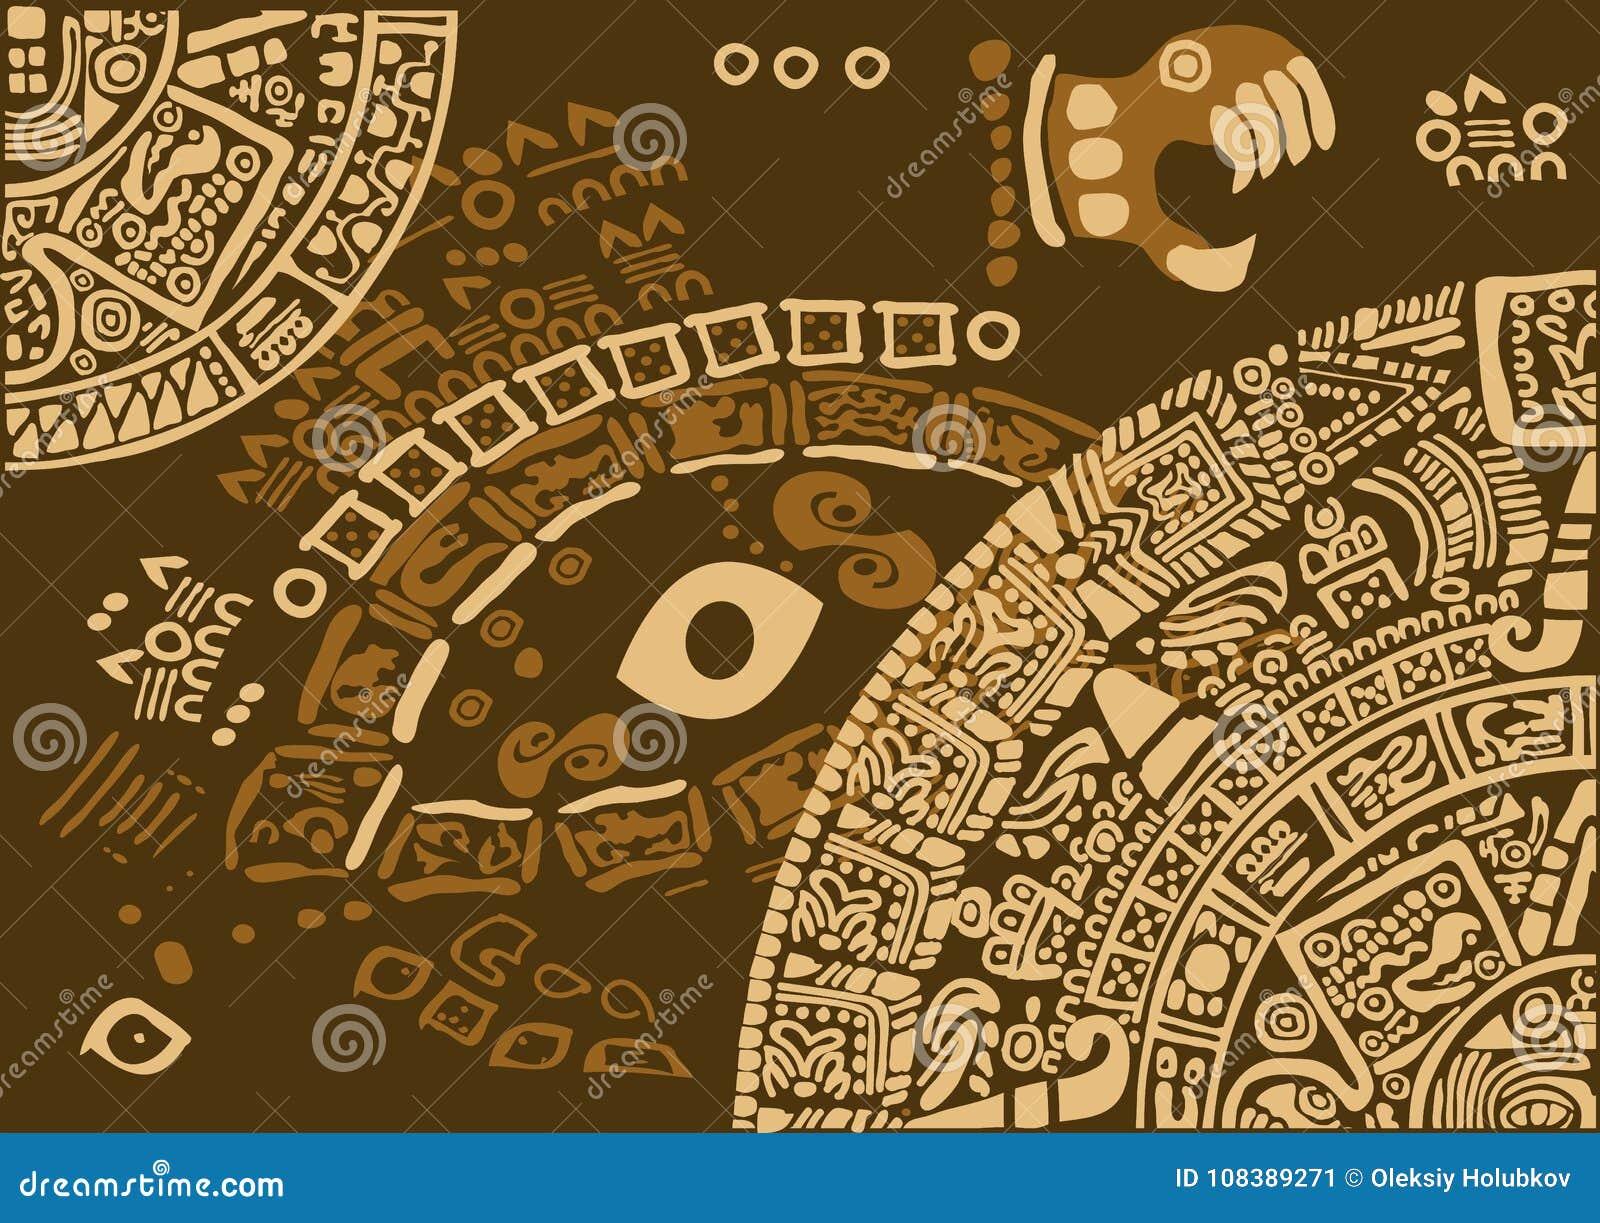 Calendario Antico.Frammento Del Calendario Delle Civilizzazioni Antiche